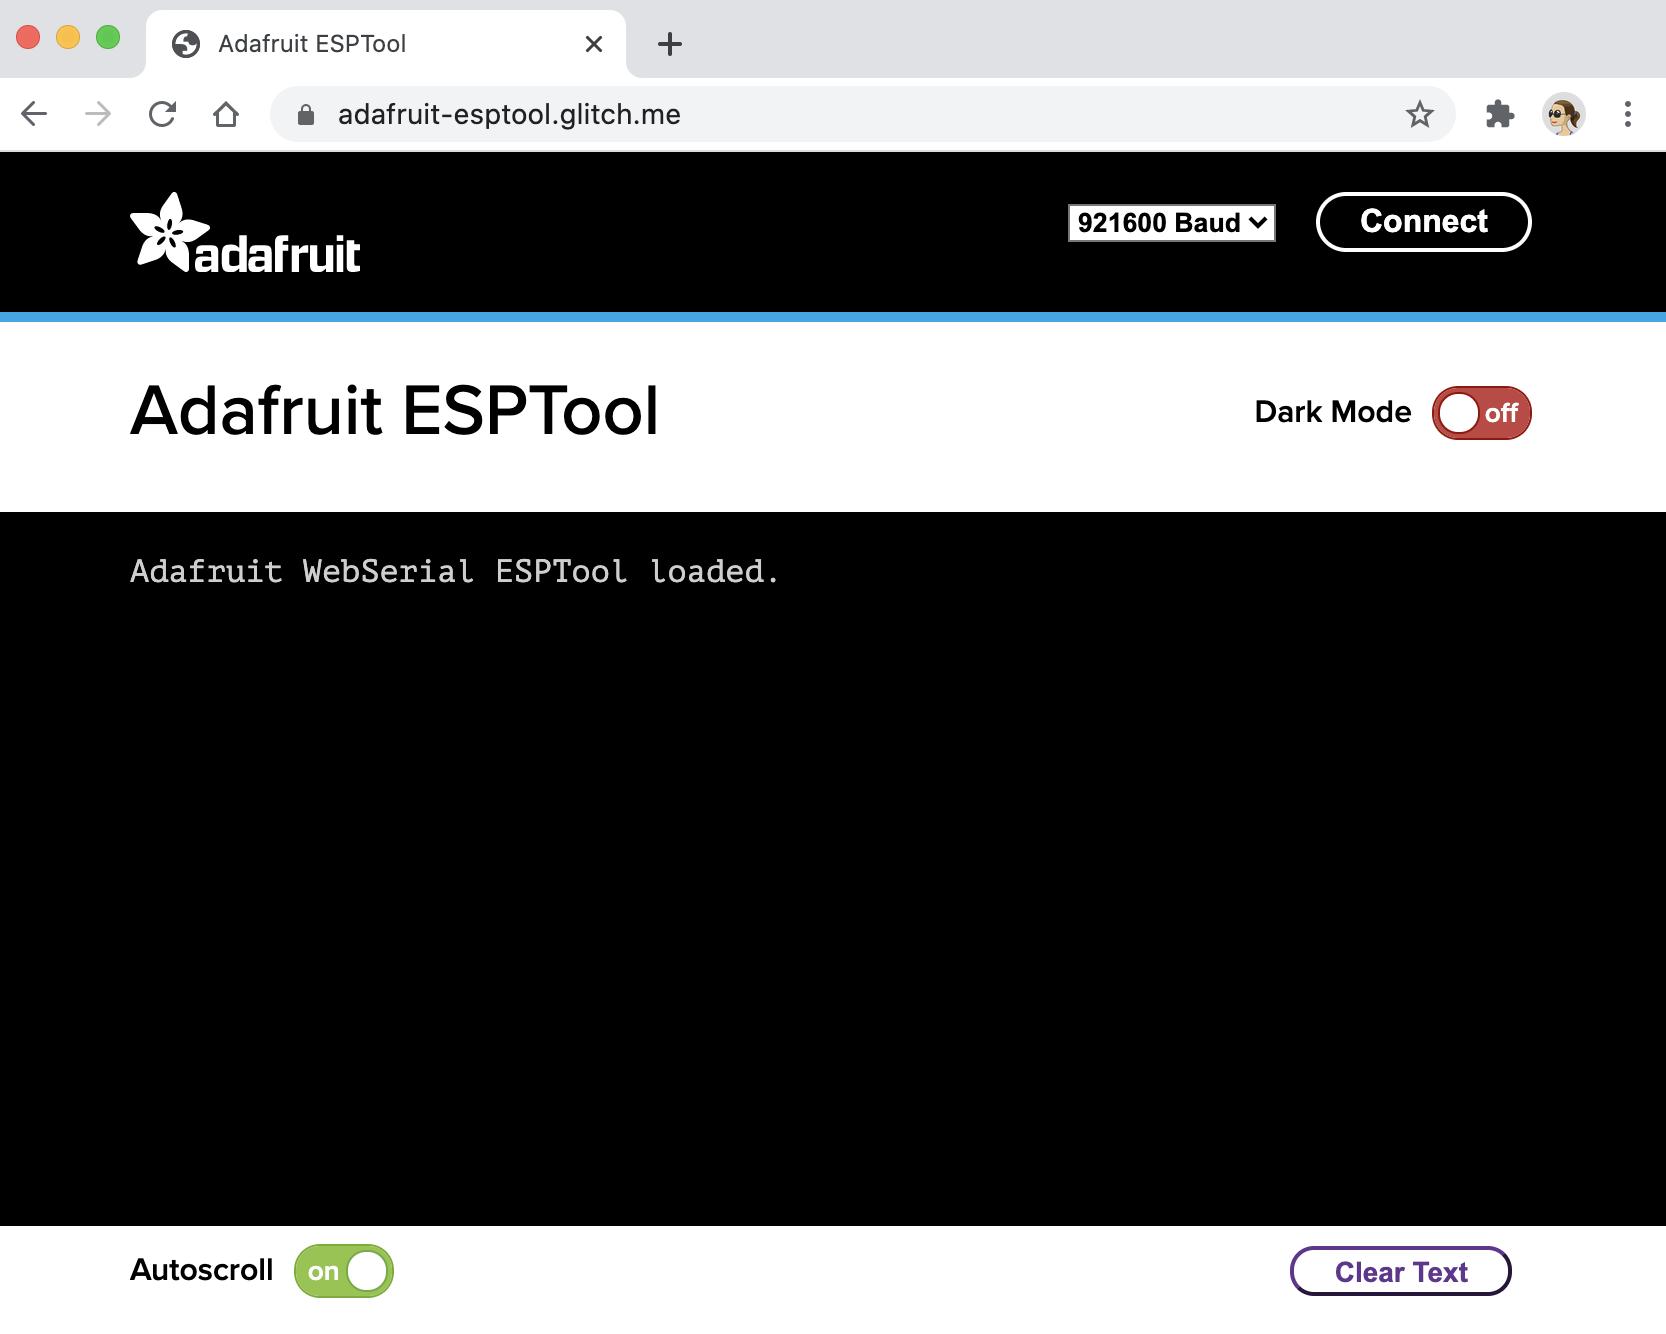 web_serial_esptool_adafruit_products_Screen_Shot_2020-12-10_at_5.20.23_PM.png